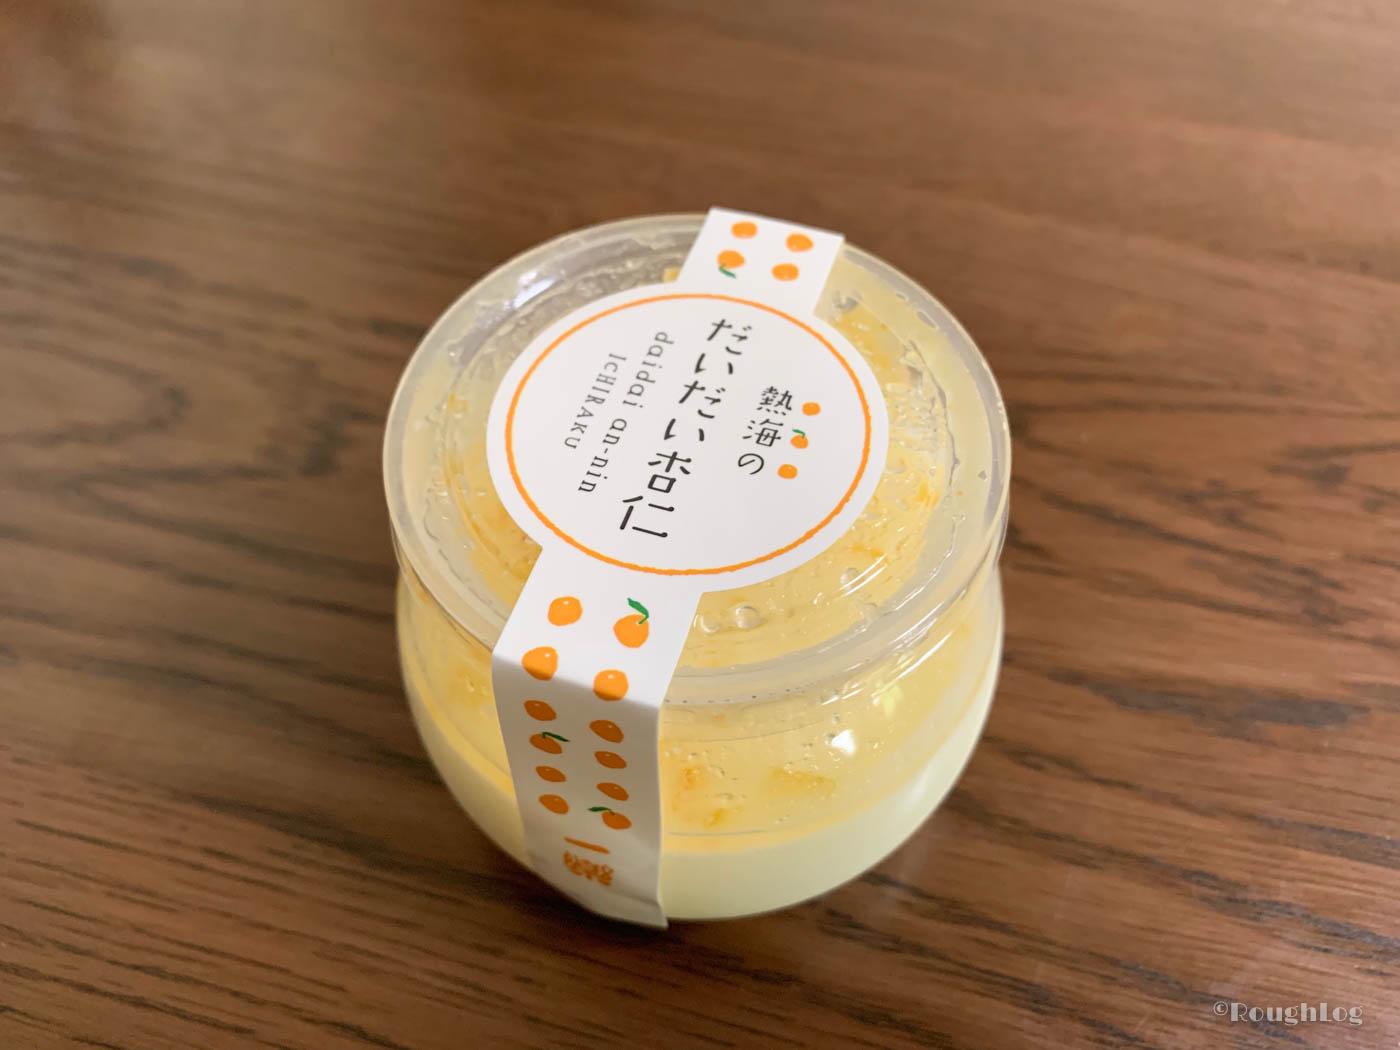 一楽でお土産に購入した、だいだいソースの杏仁豆腐